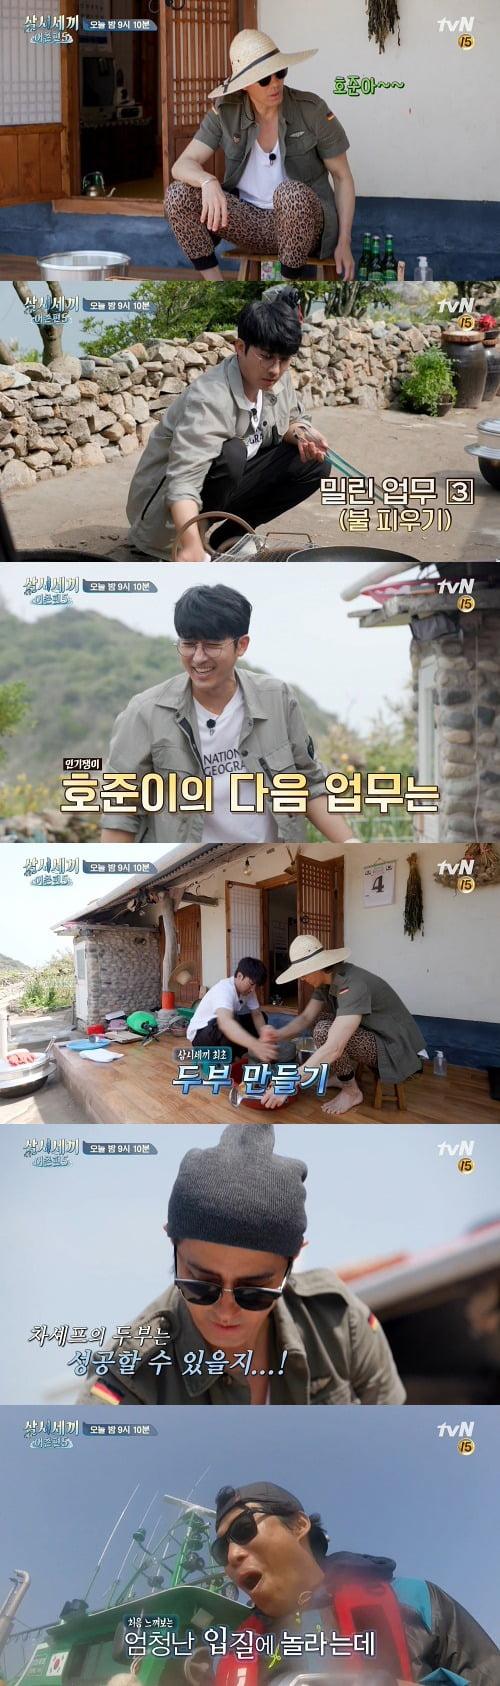 '삼시세끼 어촌편5' 차승원, 손호준이 두부 만들기에 도전한다. / 사진제공=tvN